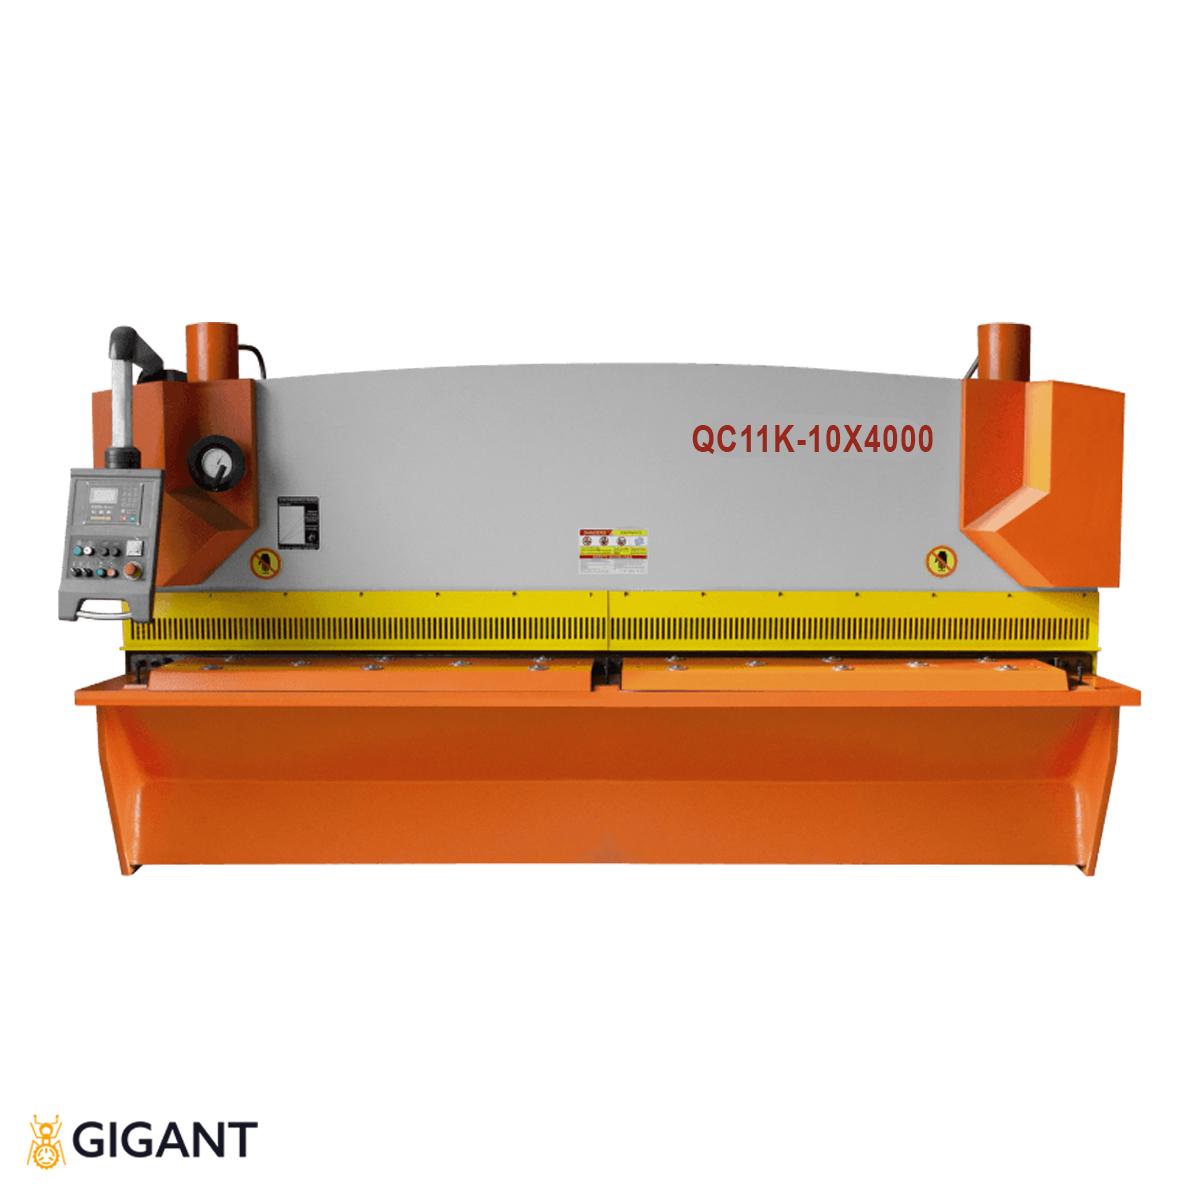 Гильотина гидравлическая STALEX QC11K-10x4000